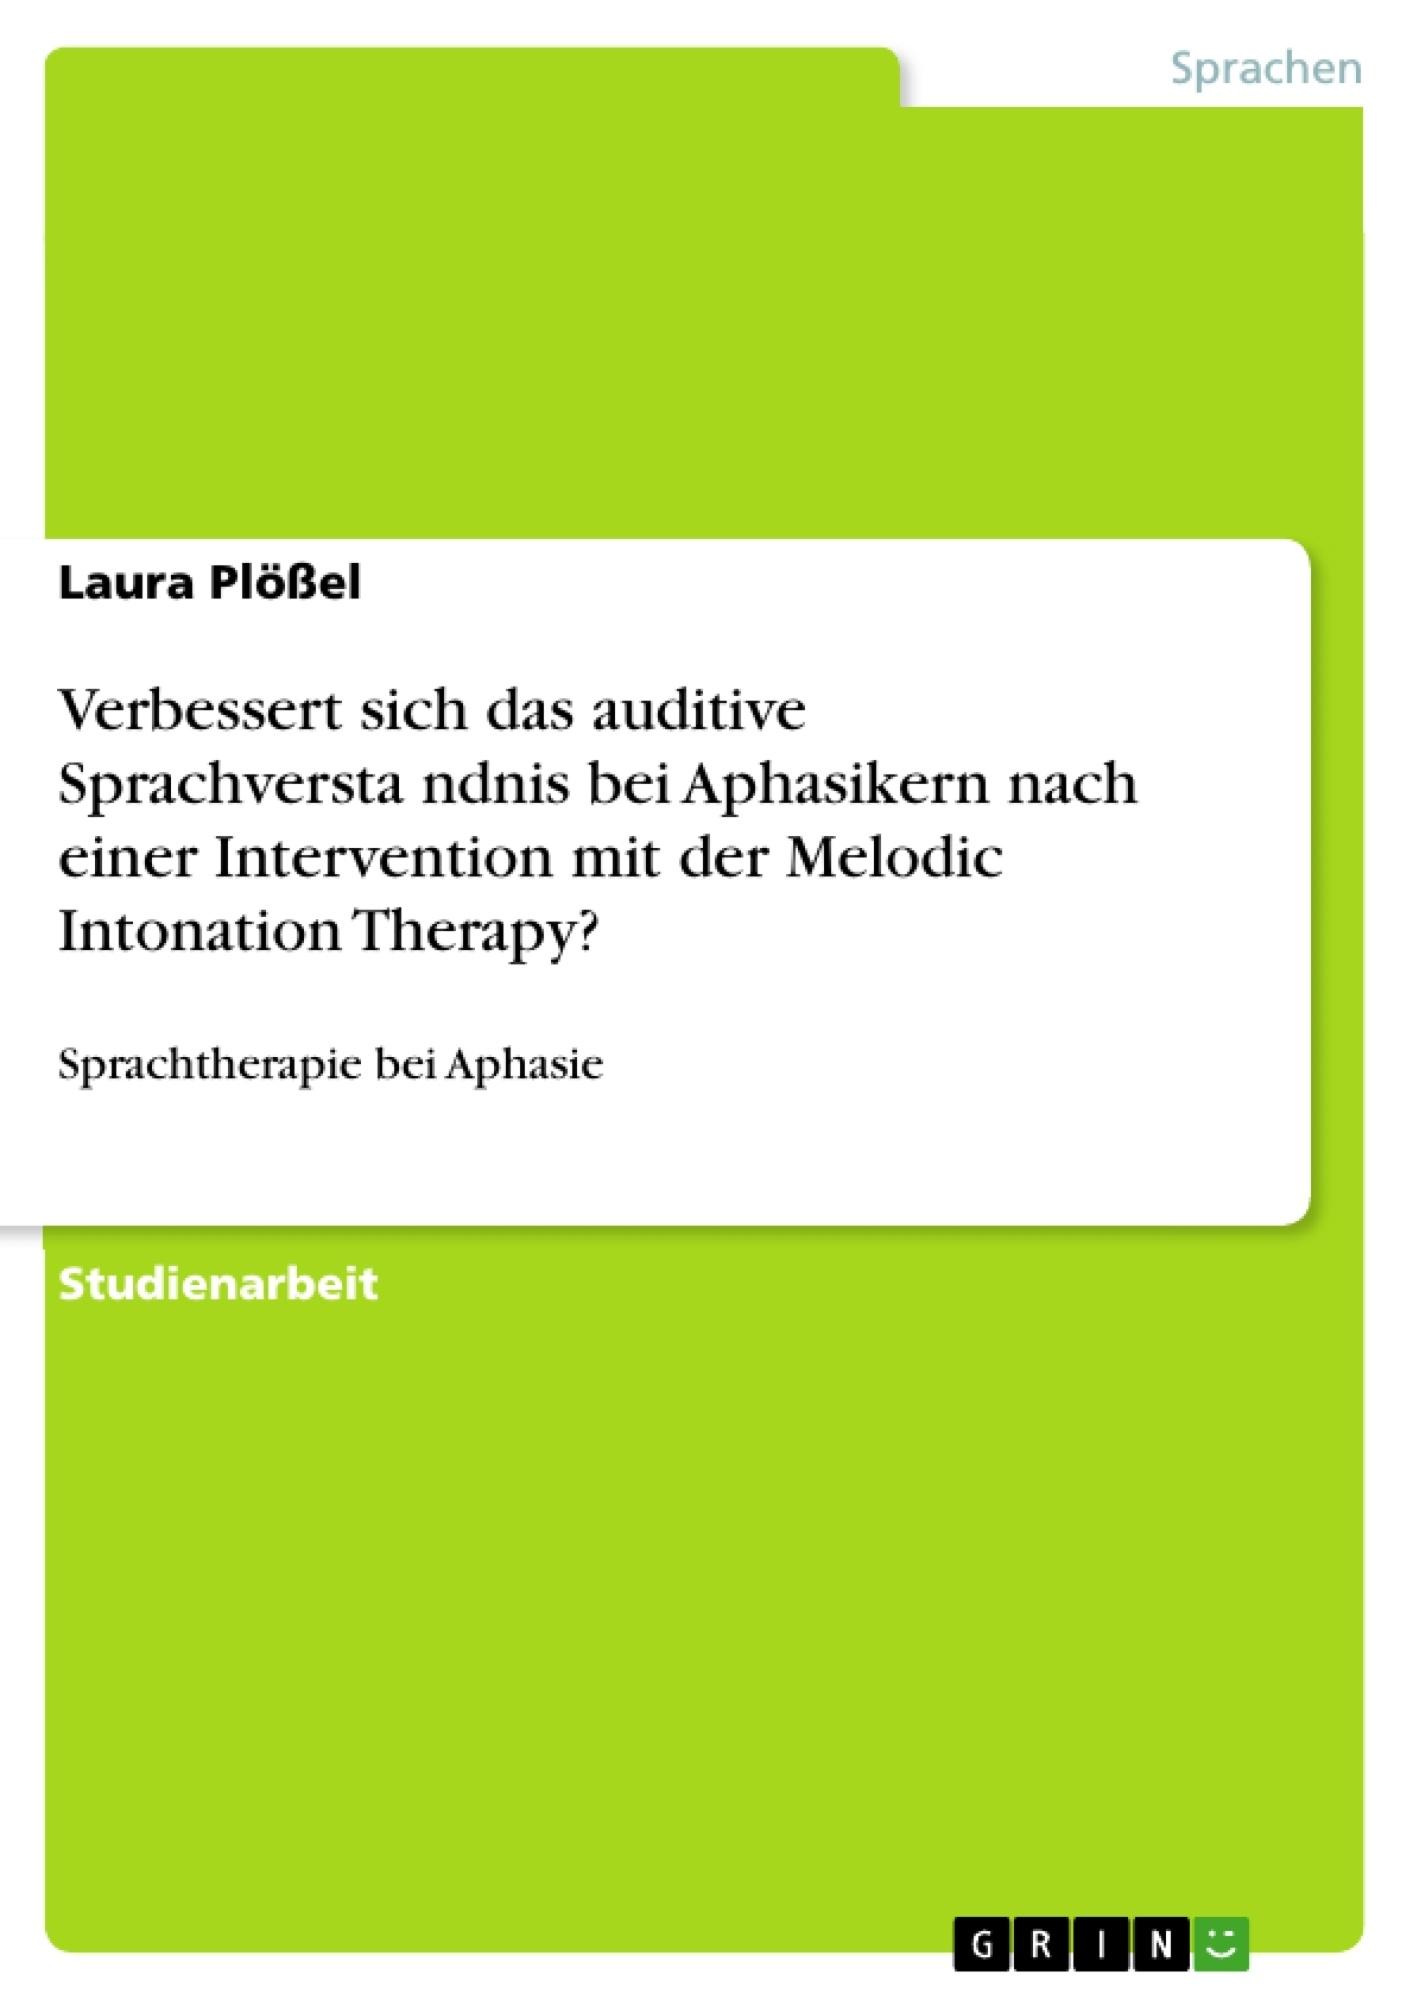 Titel: Verbessert sich das auditive Sprachverständnis bei Aphasikern nach einer Intervention mit der Melodic Intonation Therapy?